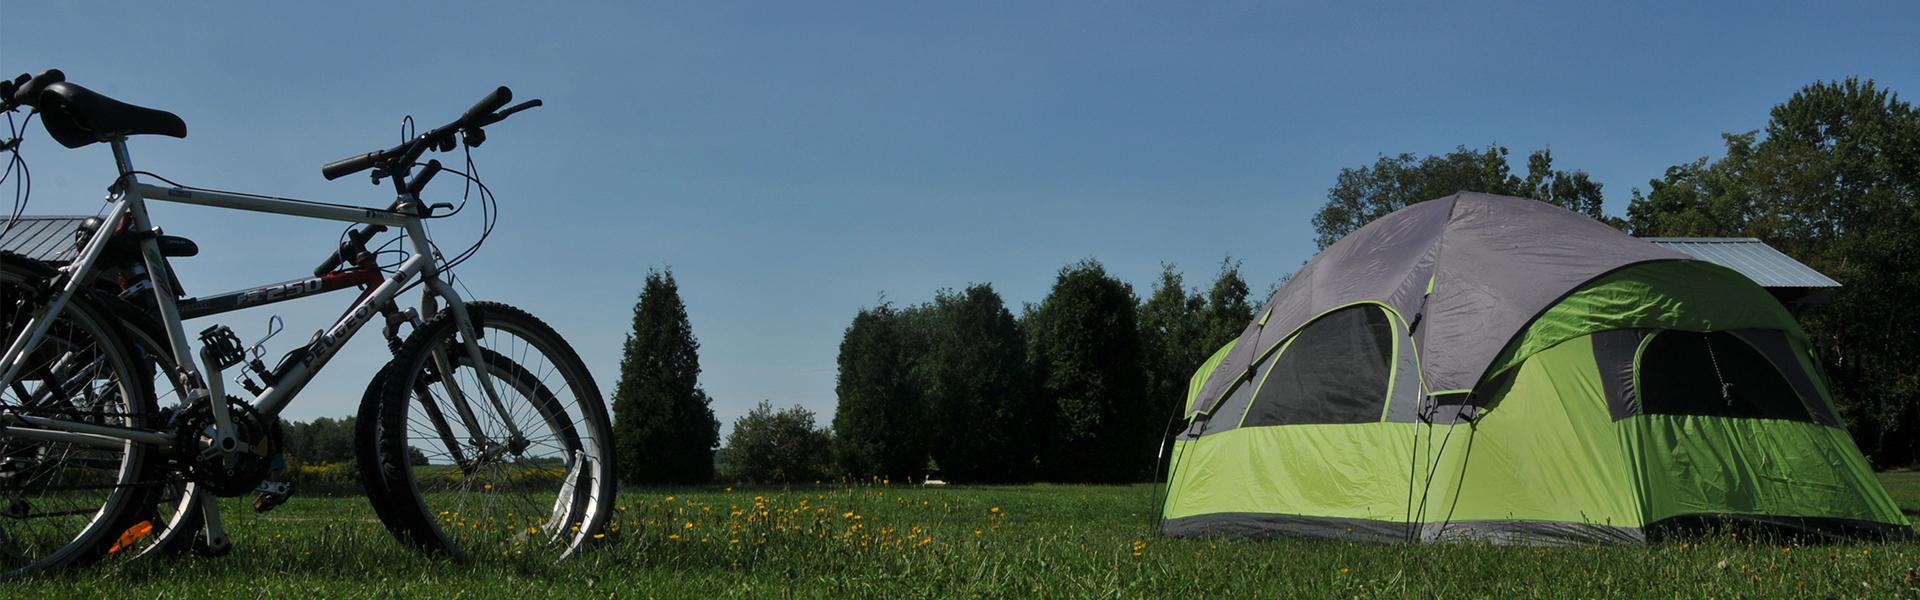 Camping Union - Camping Lac-Saint-Michel : Visitez l'un des plus beau site de camping au Québec!